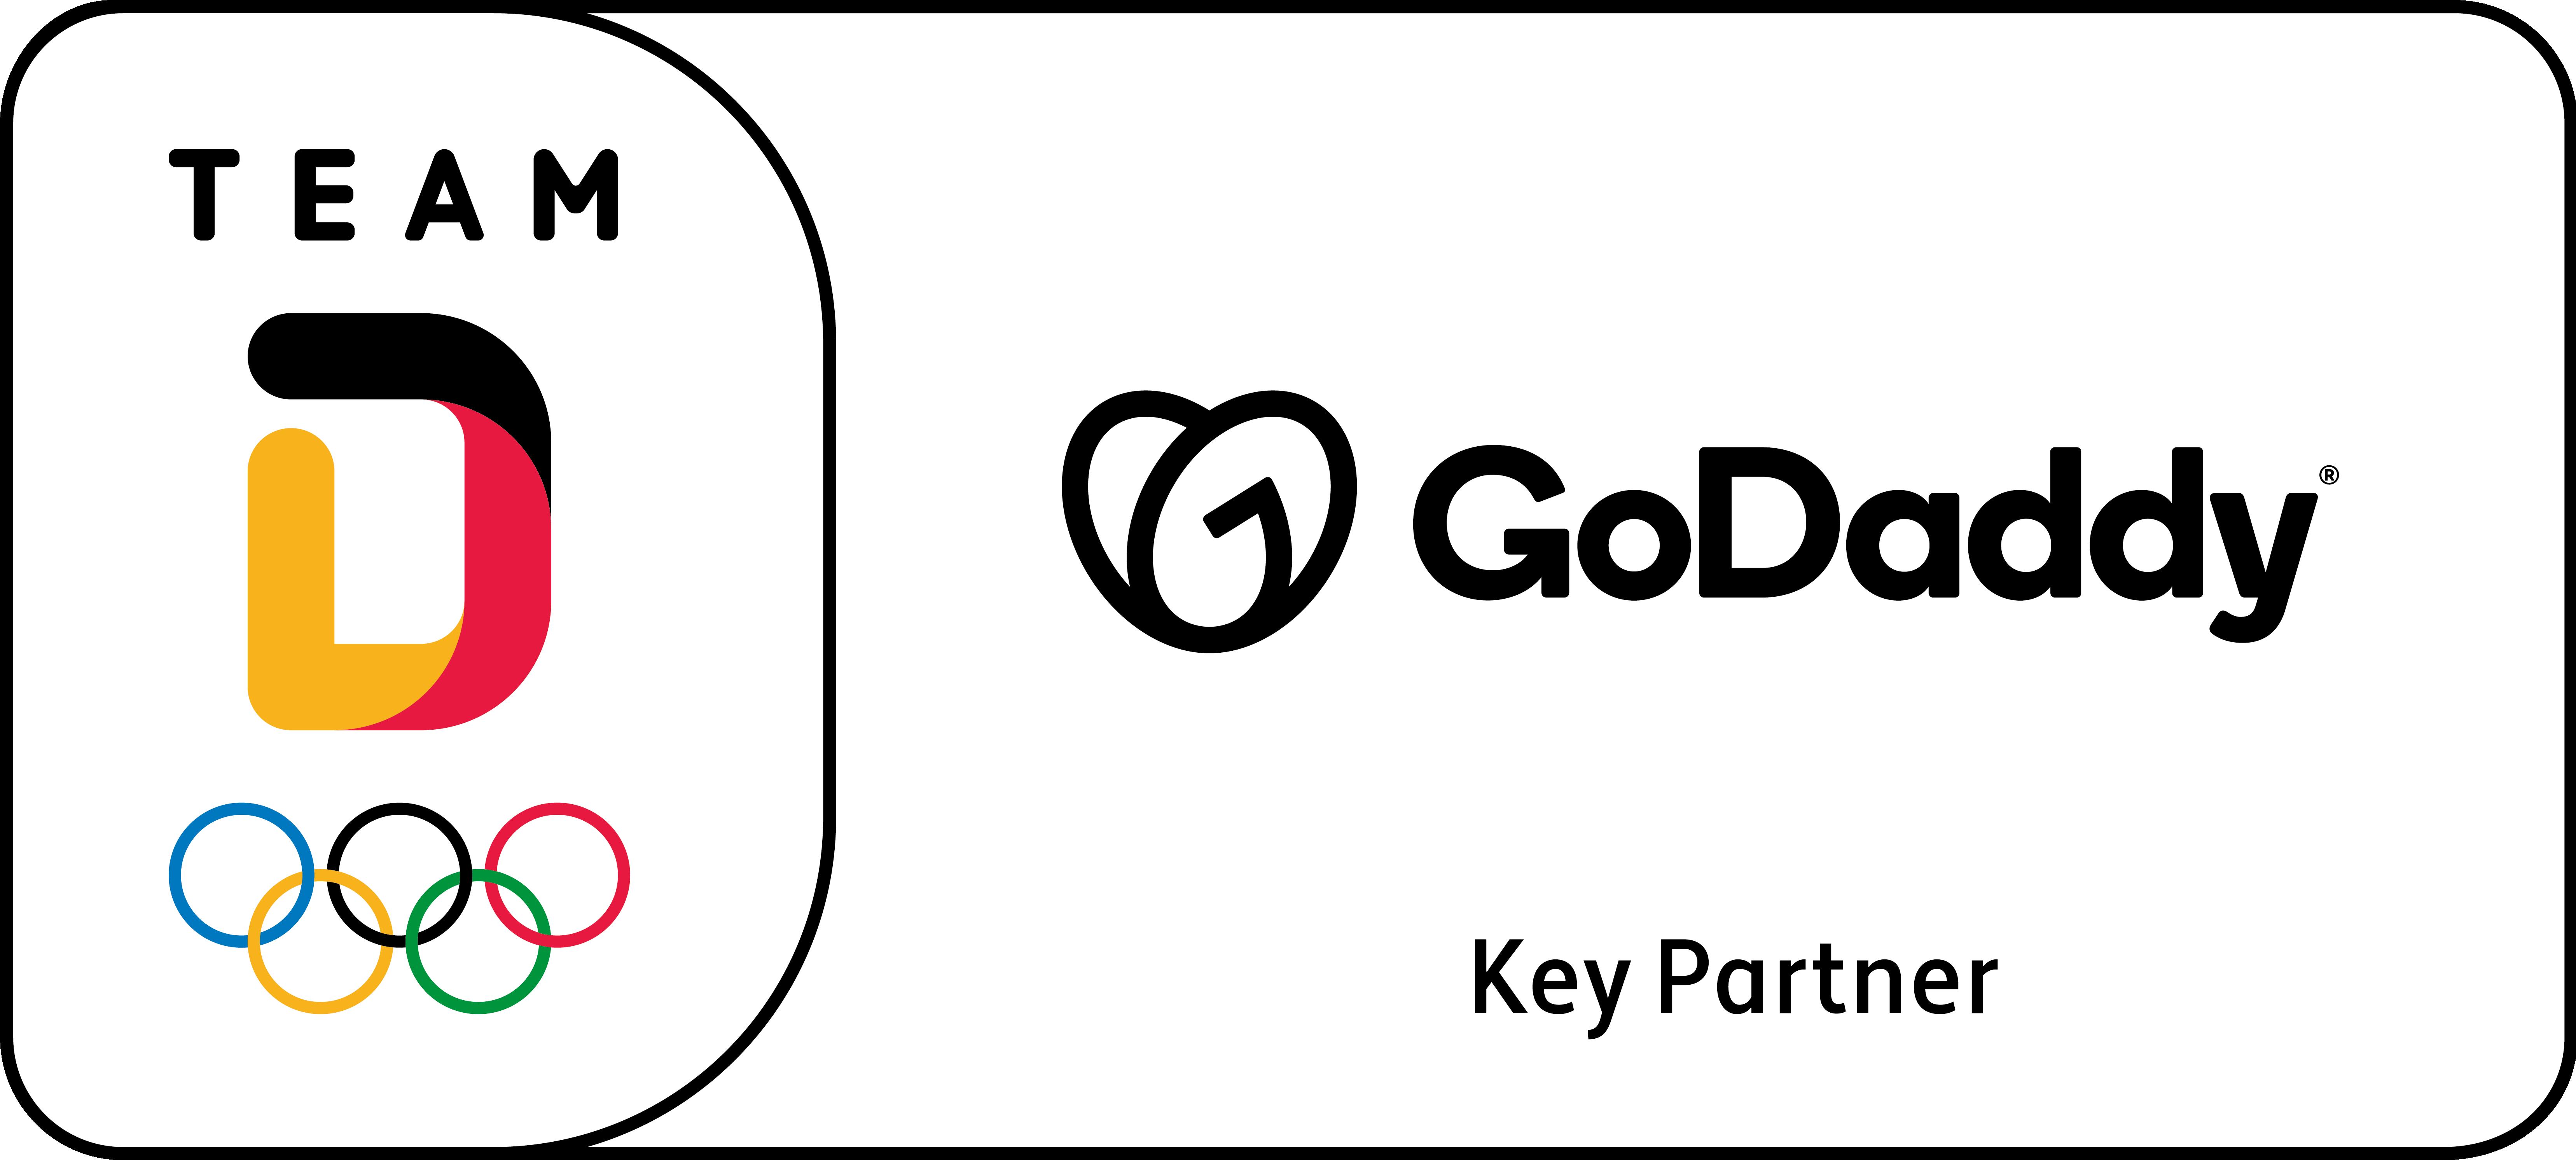 TD_GoDaddy_KeyPartner_4c_q_Outline_RGB_300dpi